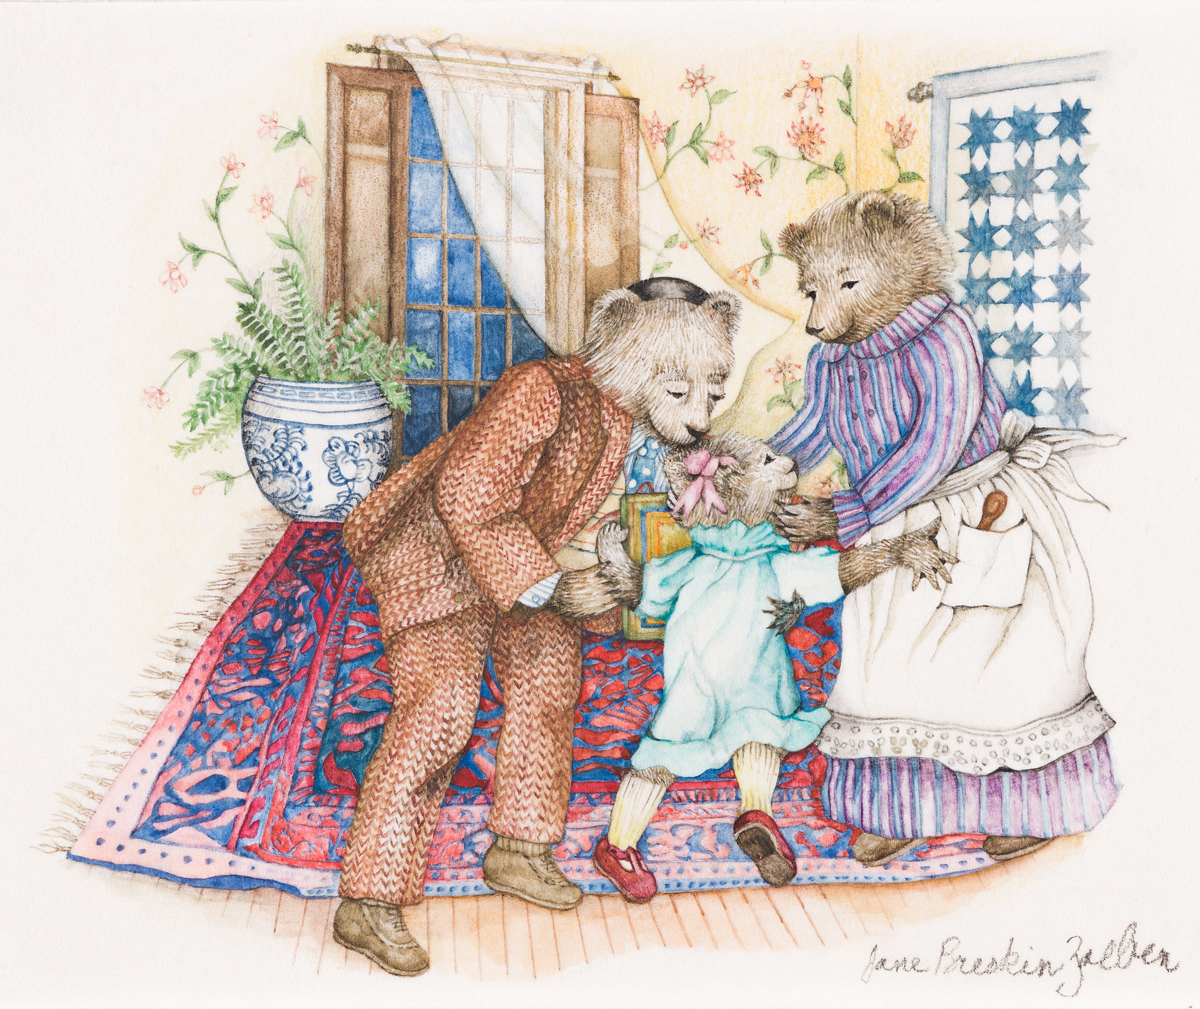 JANE BRESKIN ZALBEN (1950- ) Rosie Hugging Grandparents. [CHILDRENS / JEWISH CULTURE / HOLIDAYS]